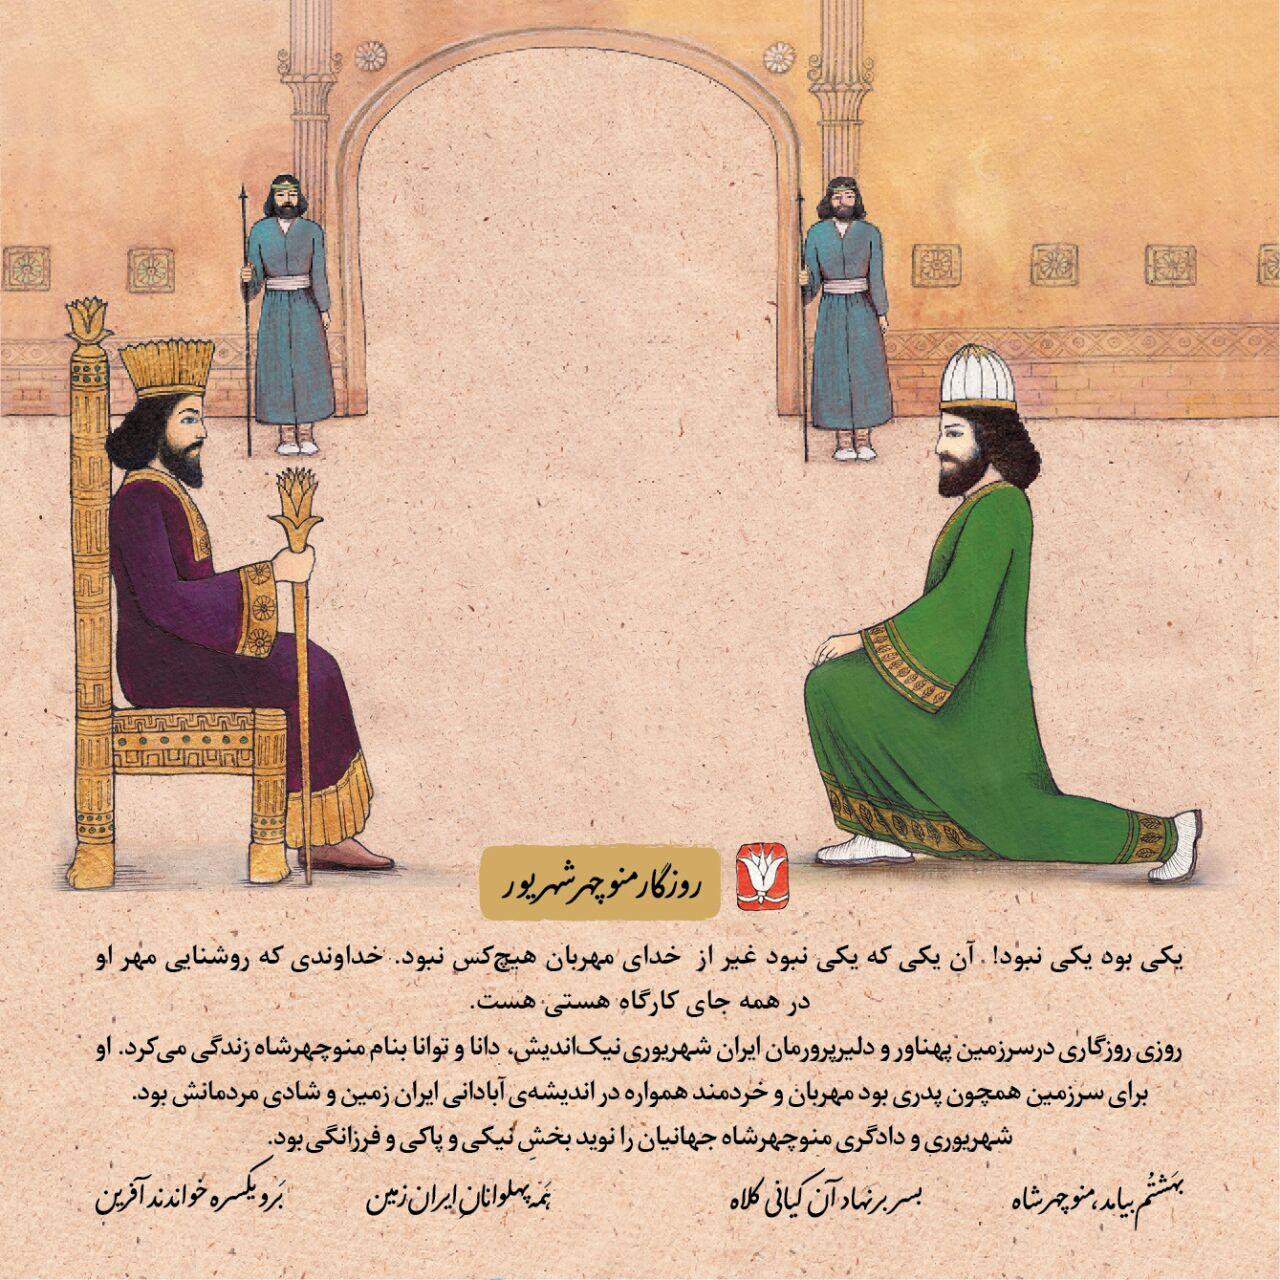 کتاب سیمرغ درون پیشکش به همه فرزندان خردمند ایران زمین